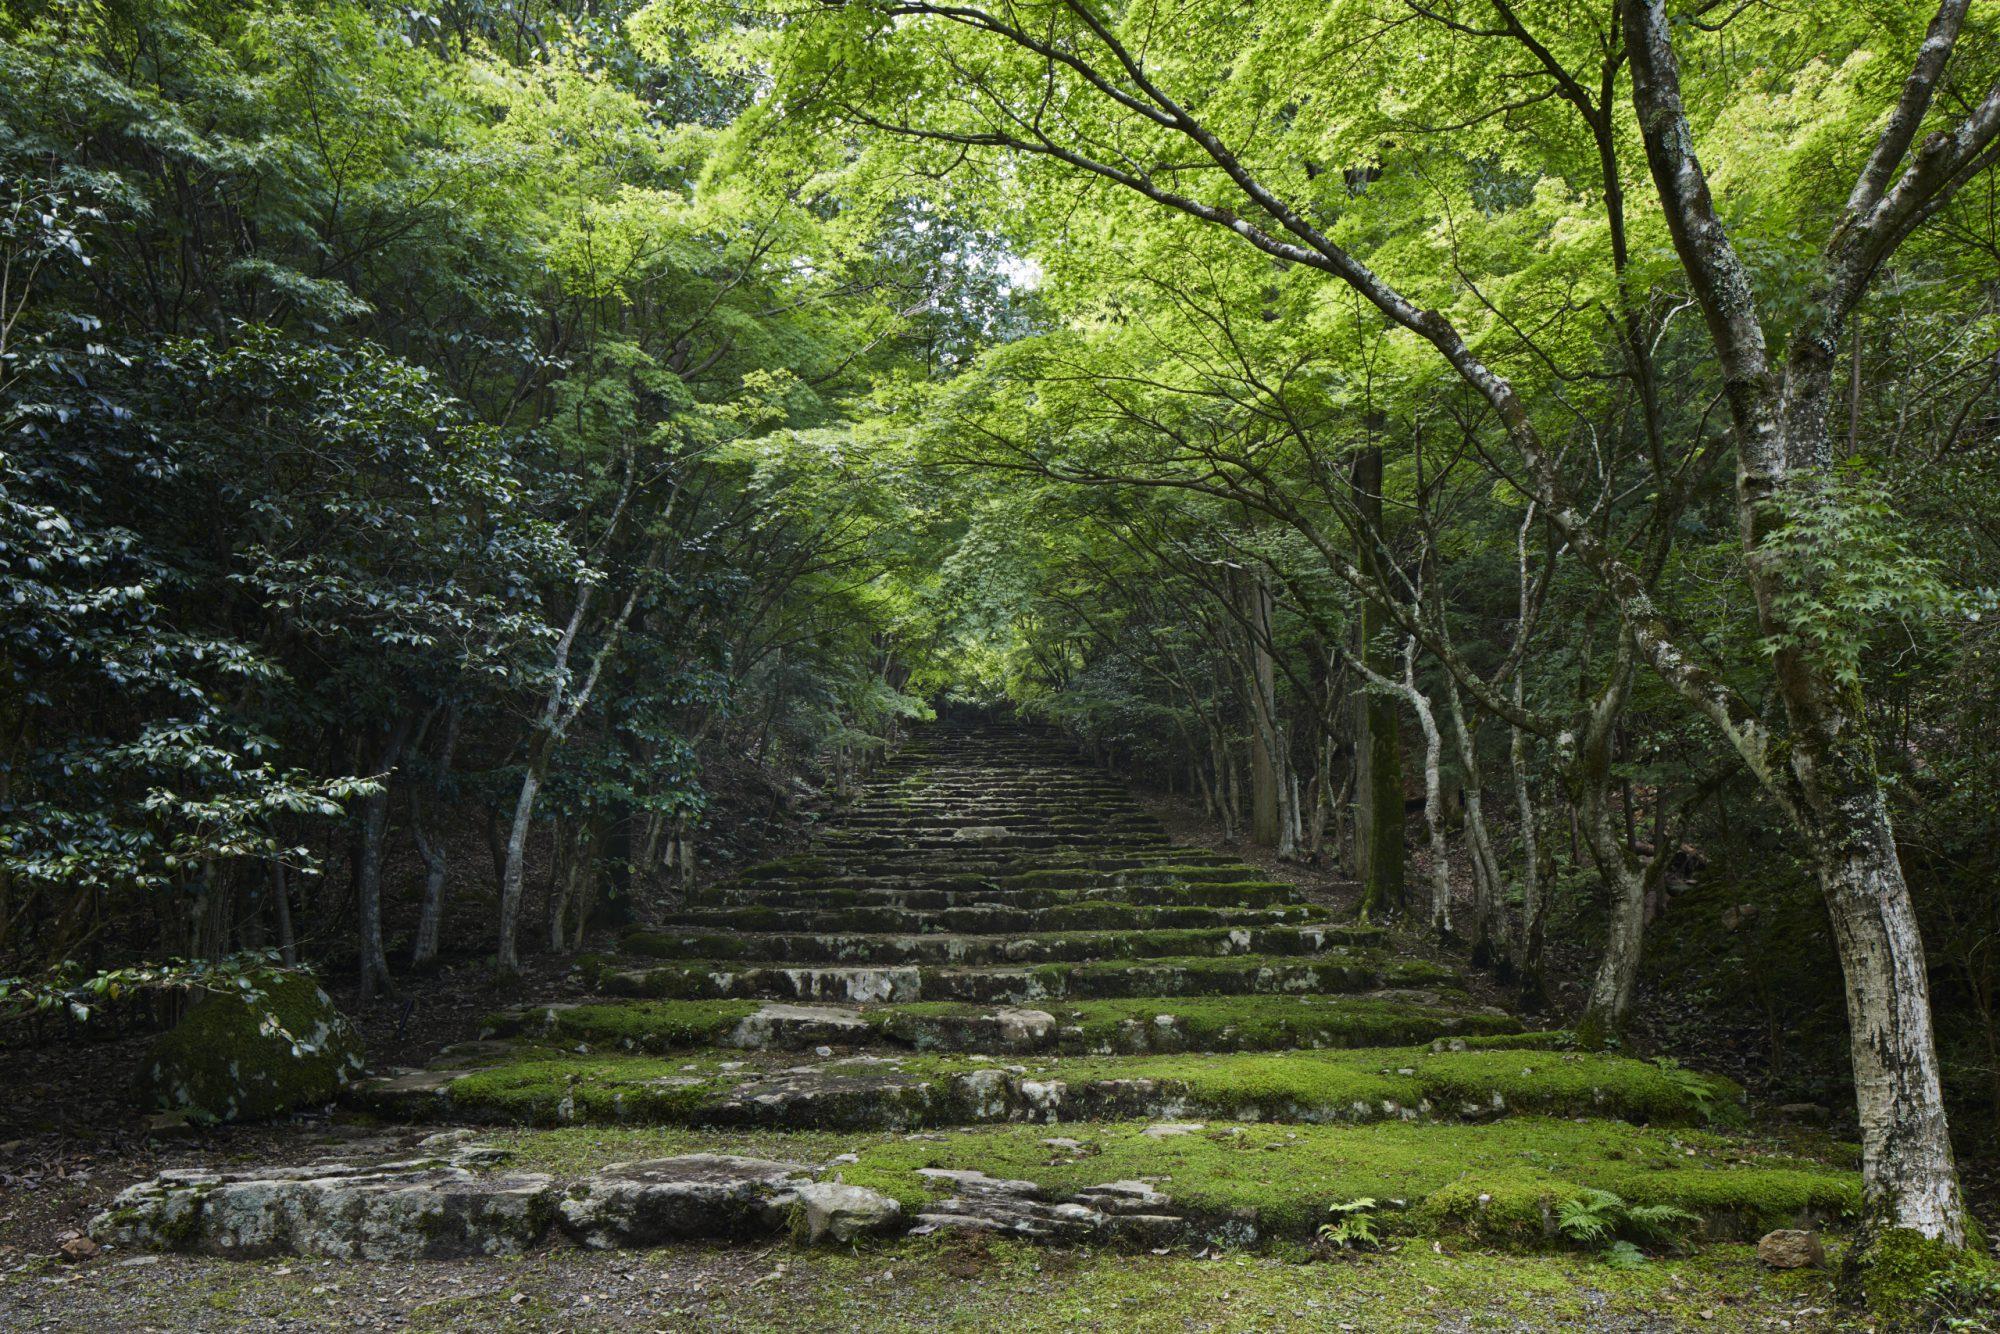 神社仏閣の参道を思わせる石段。この最上部には石組みの円形広場がある。